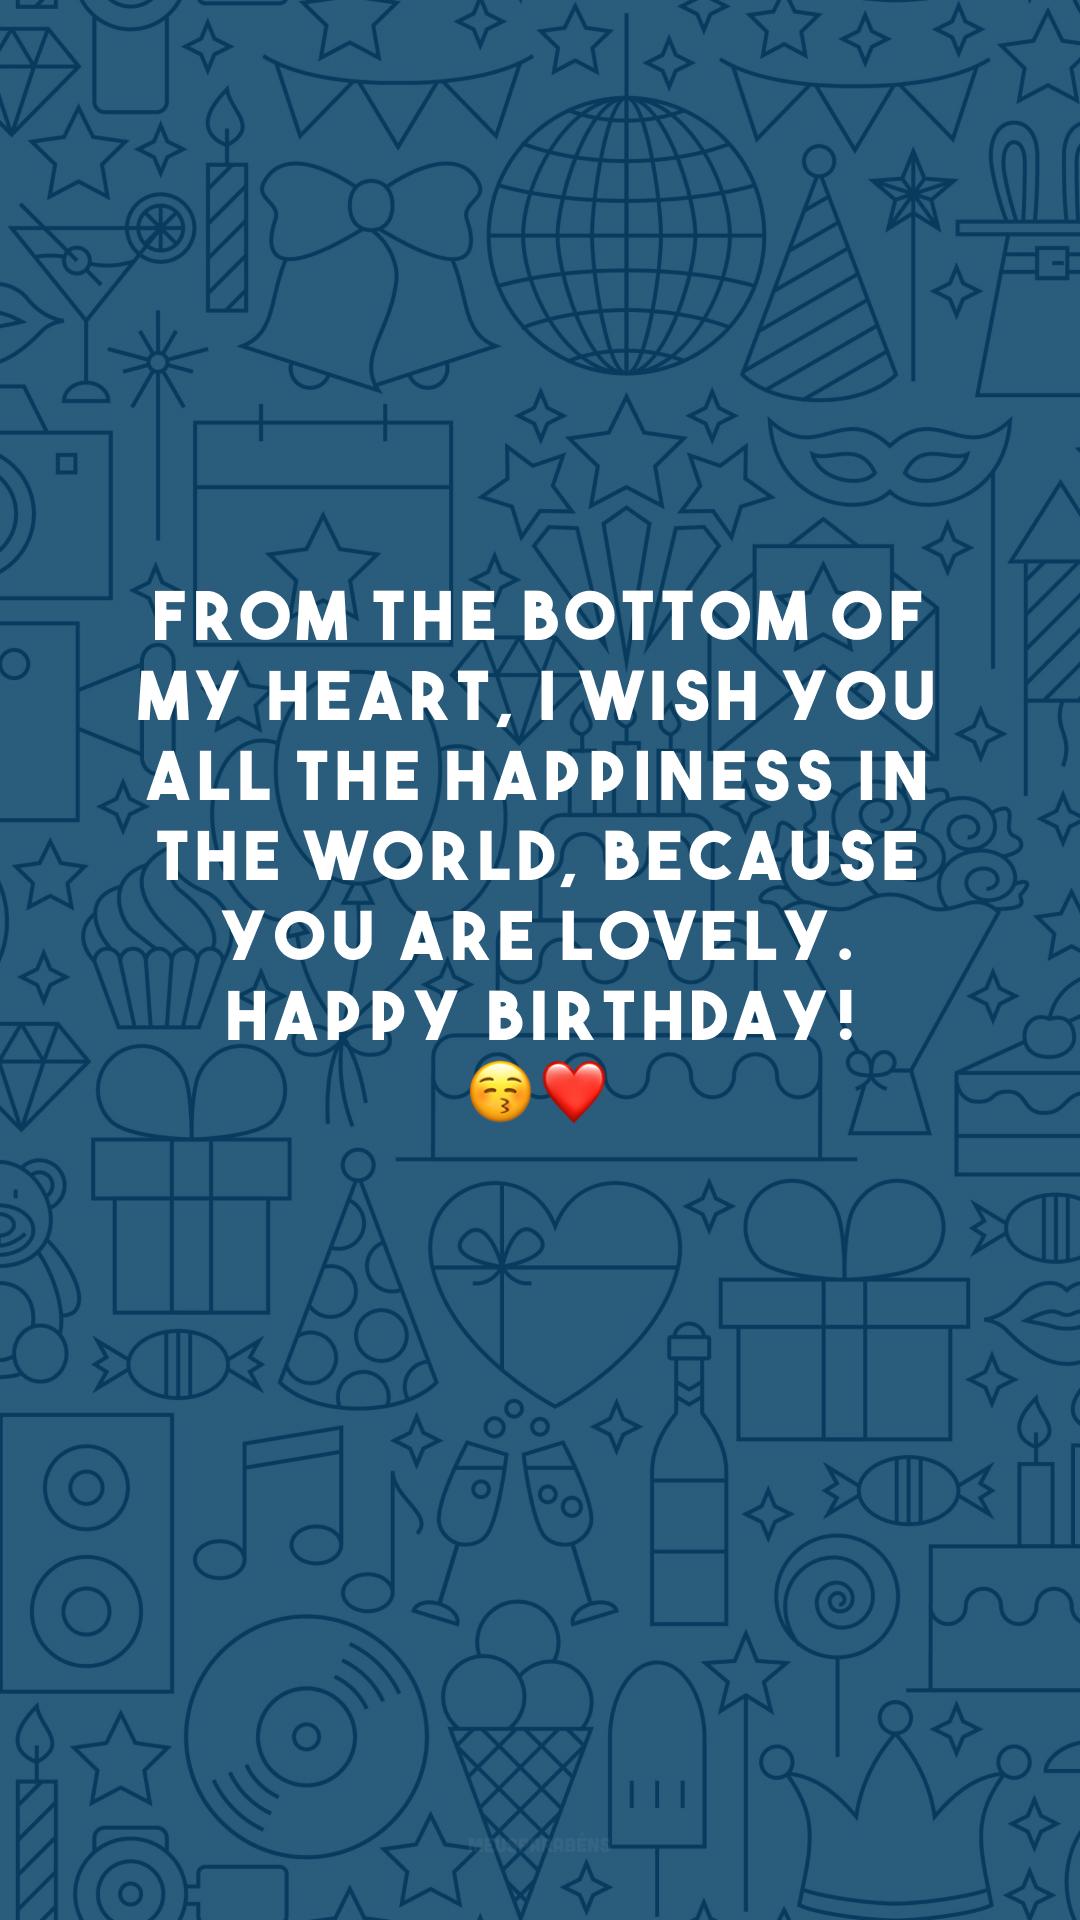 From the bottom of my heart, I wish you all the happiness in the world, because you are lovely. Happy birthday! 😚❤️ (Do fundo do meu coração, desejo-lhe toda a felicidade do mundo, porque você é adorável. Feliz aniversário!)